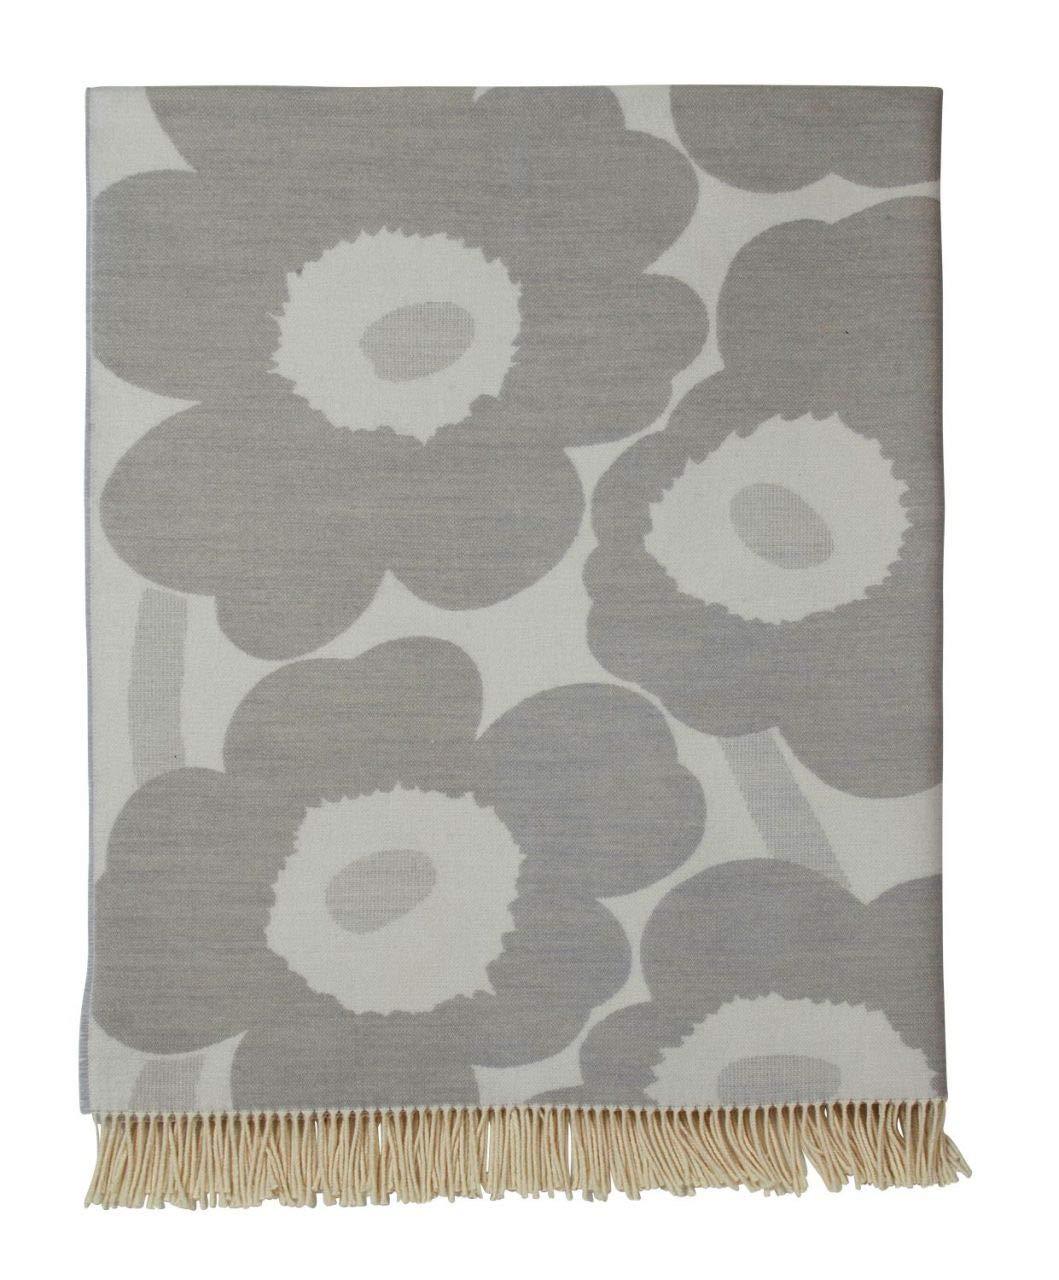 Marimekko Unikko Wolldecke 130x180 cm limitiert